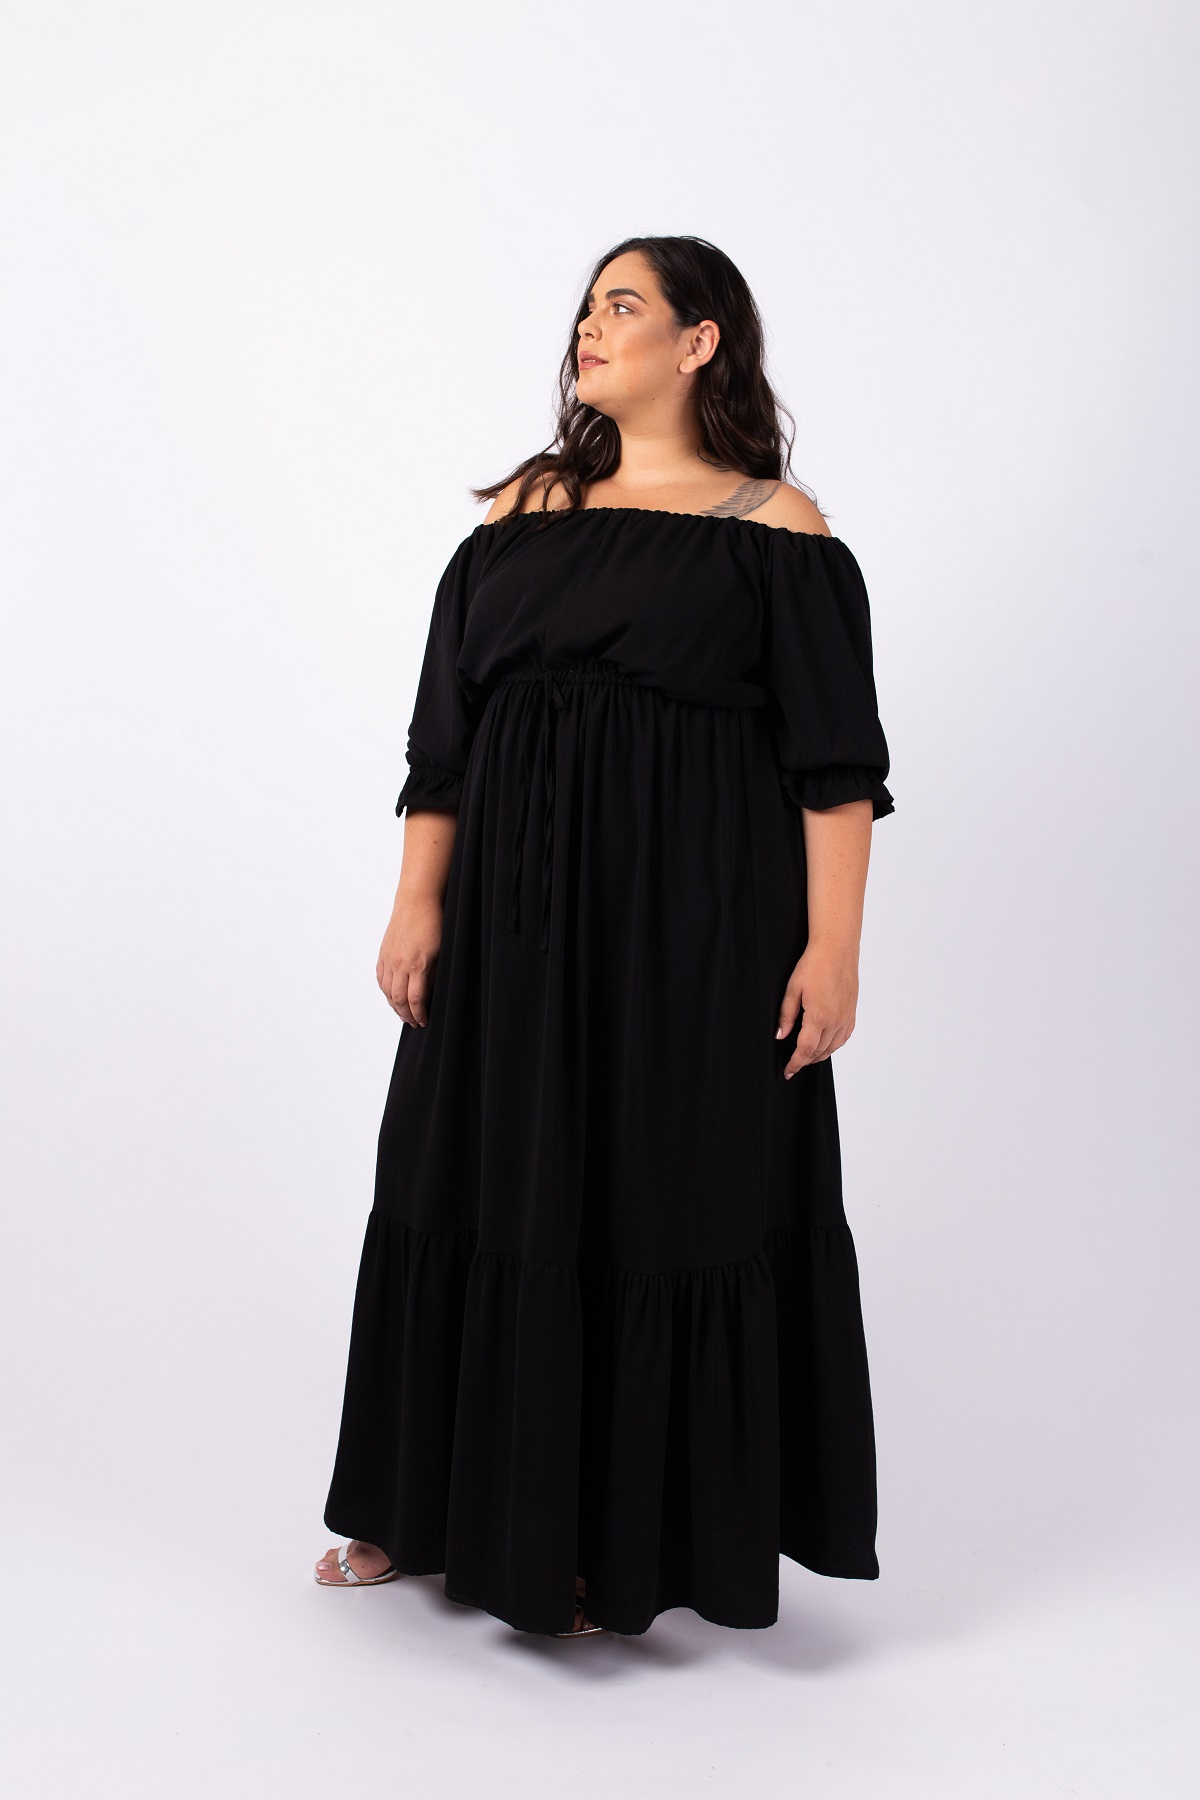 שמלת ג'יזל שחורה